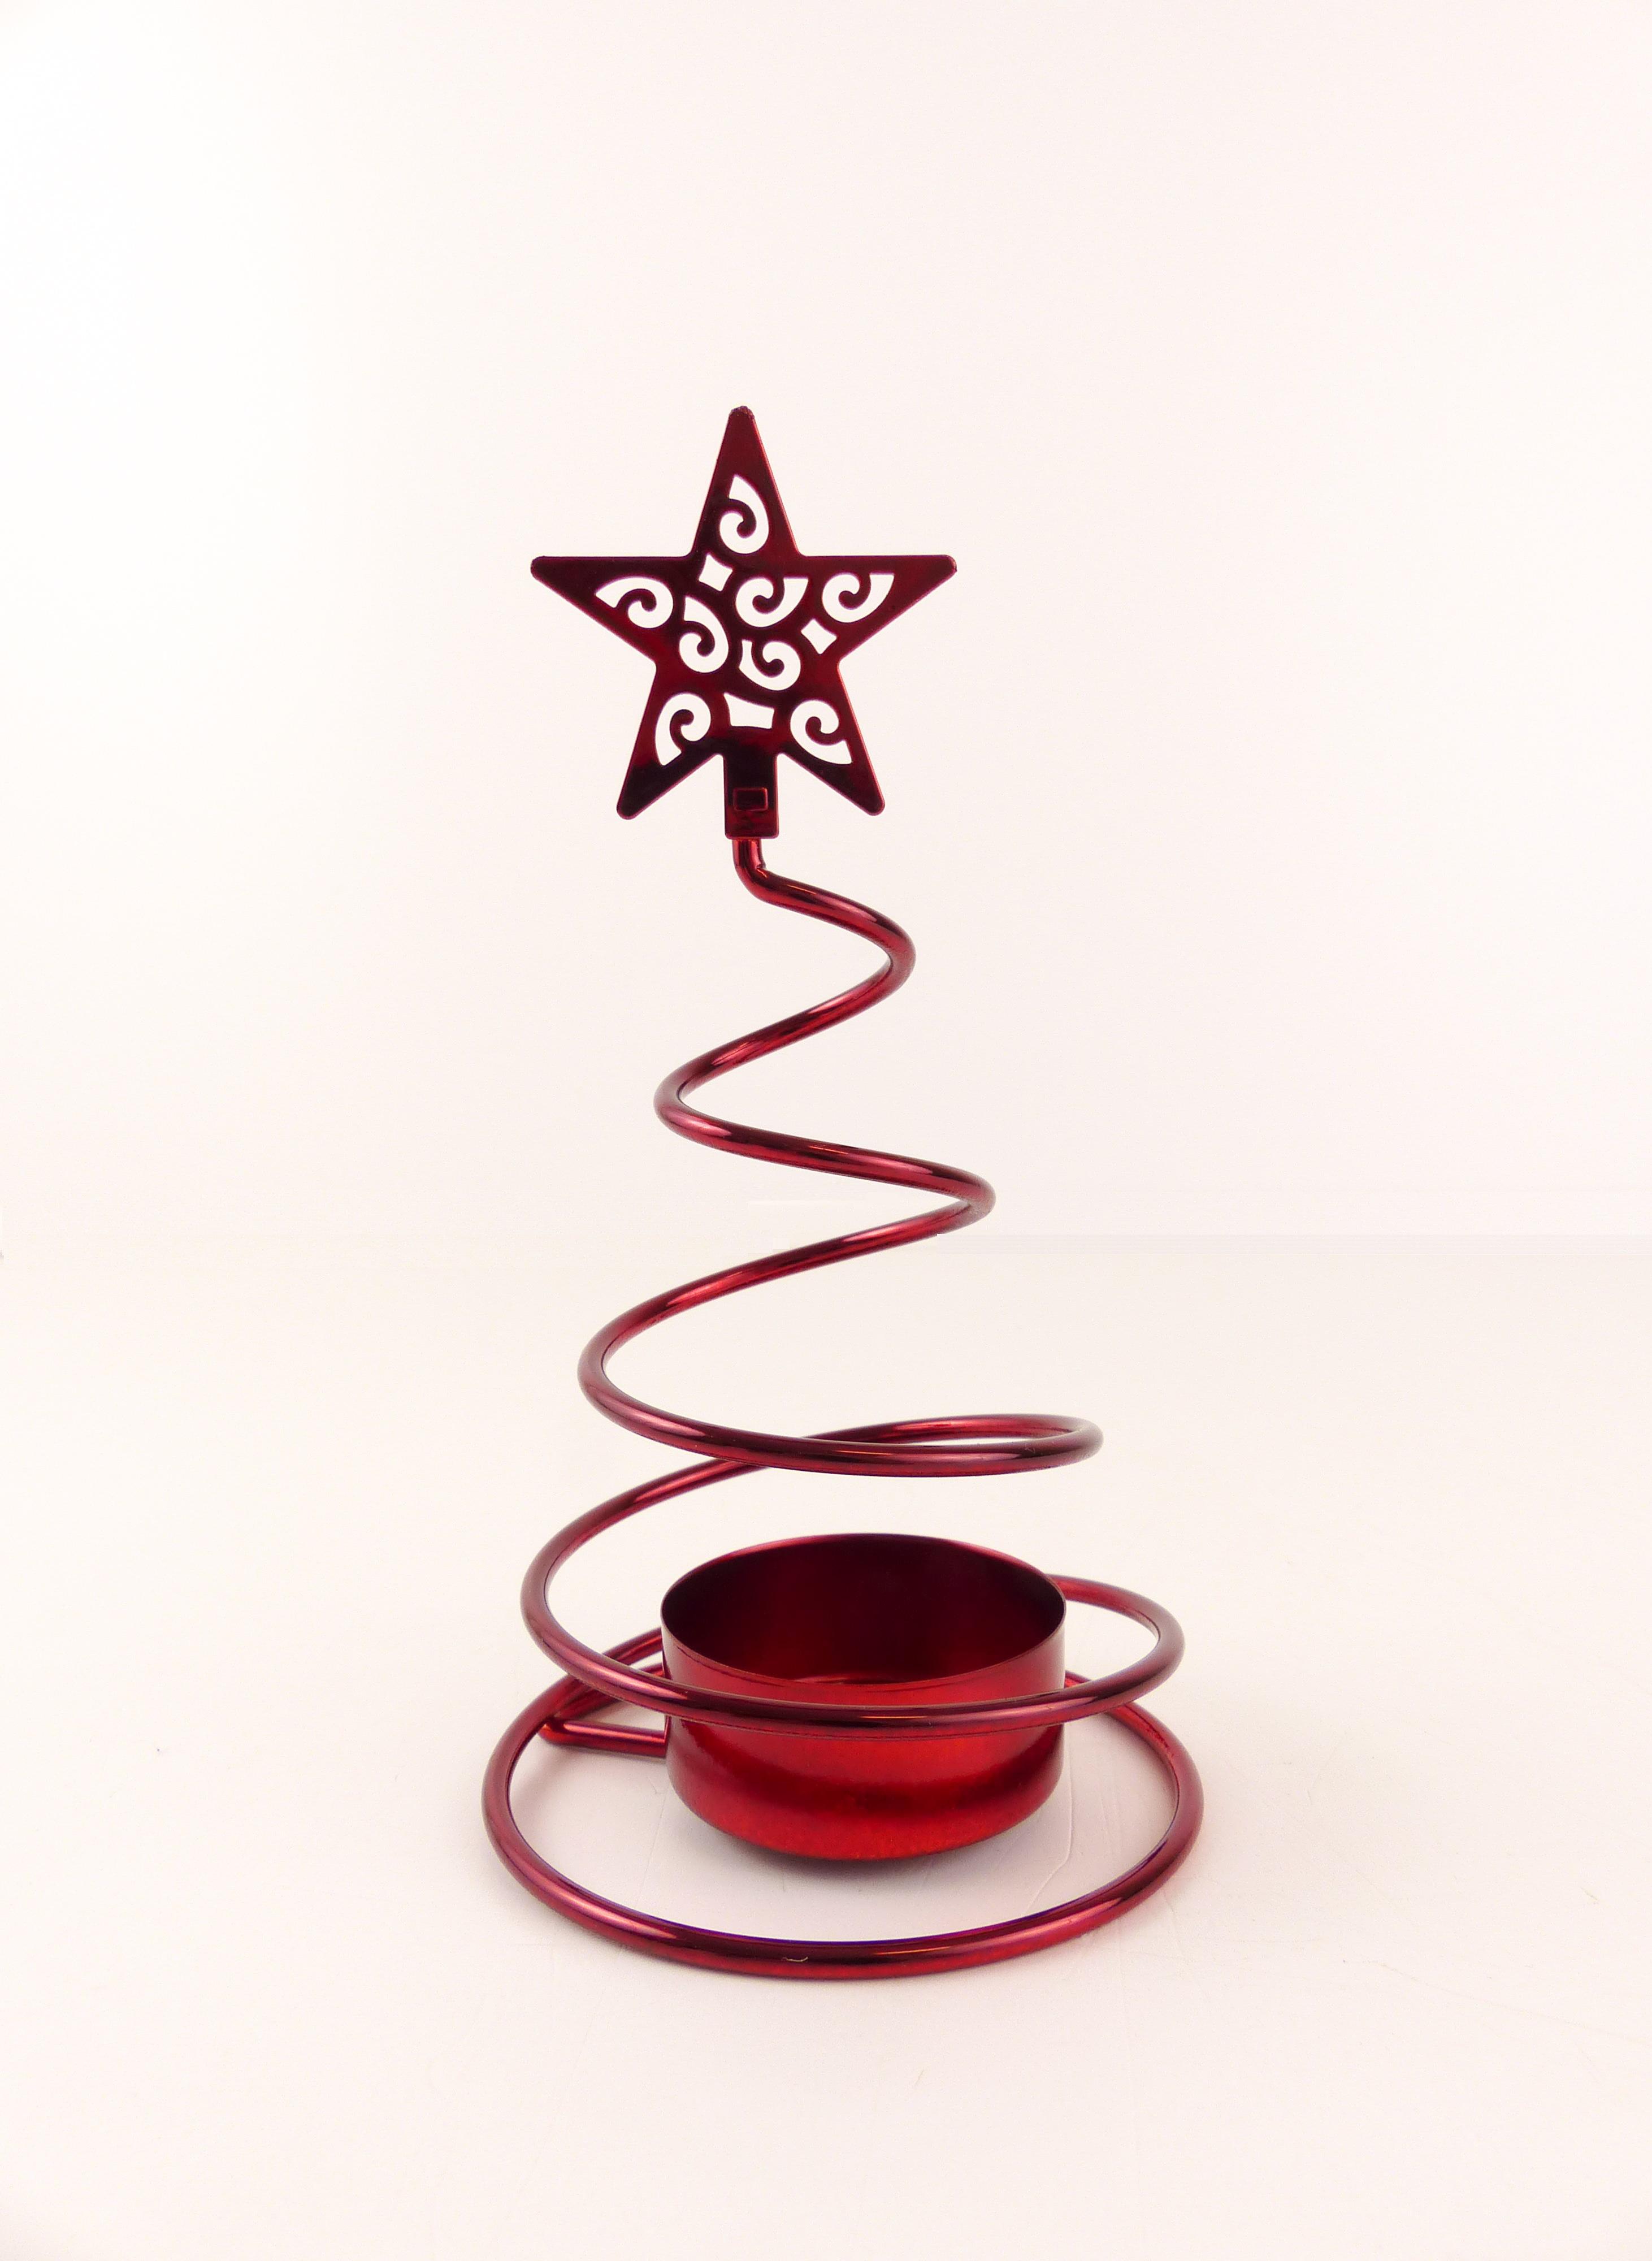 Svícen na čajovou svíčku stromek s hvězdou